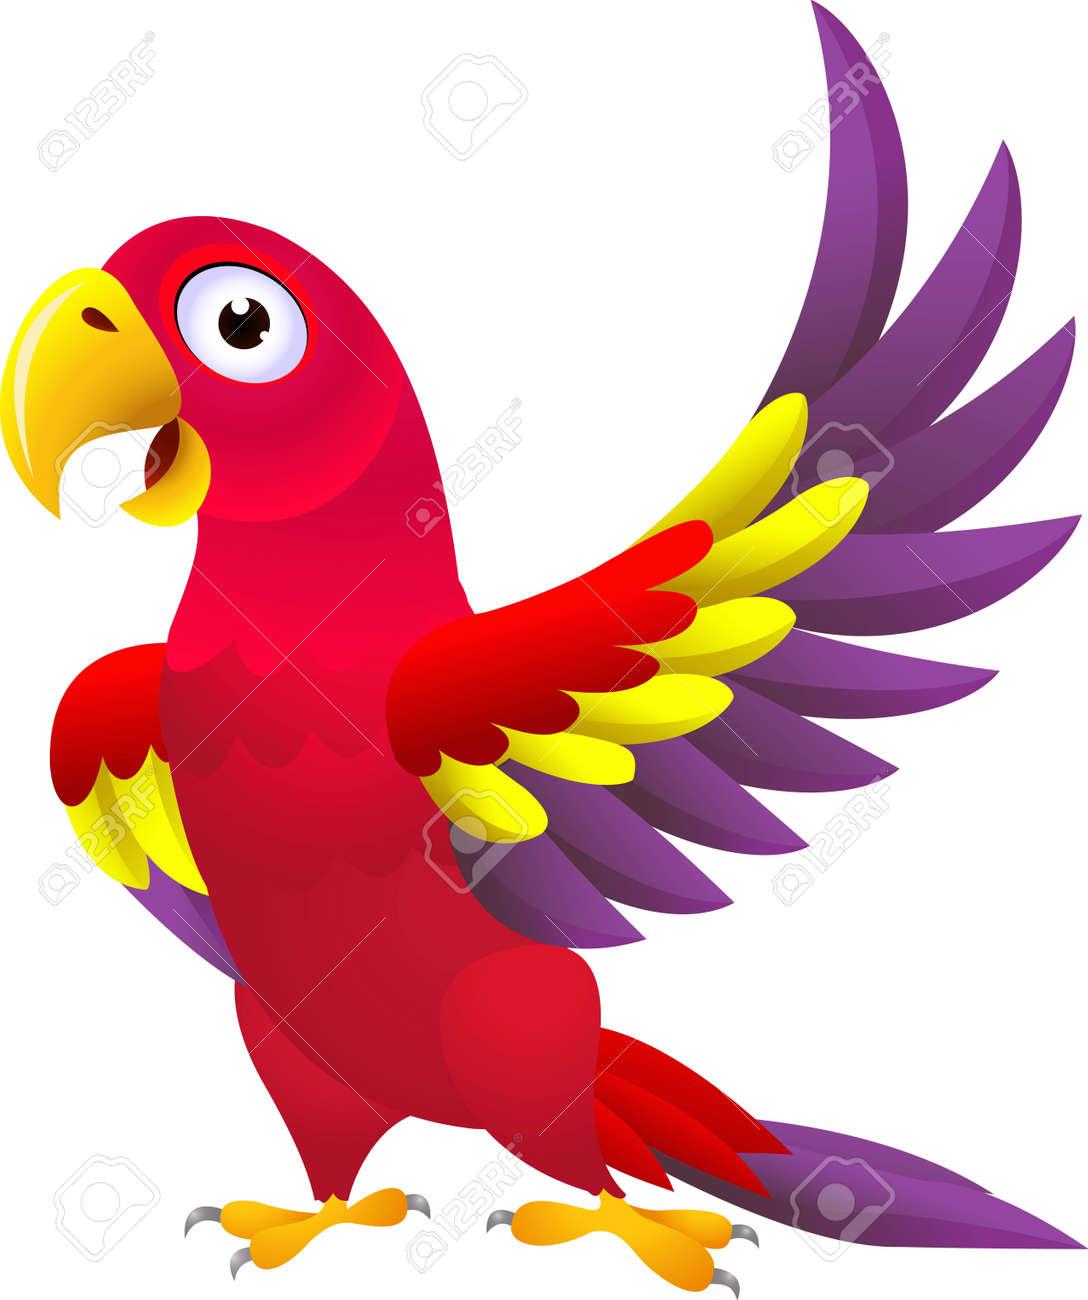 vector illustration of Funny parrot cartoon - 14325032